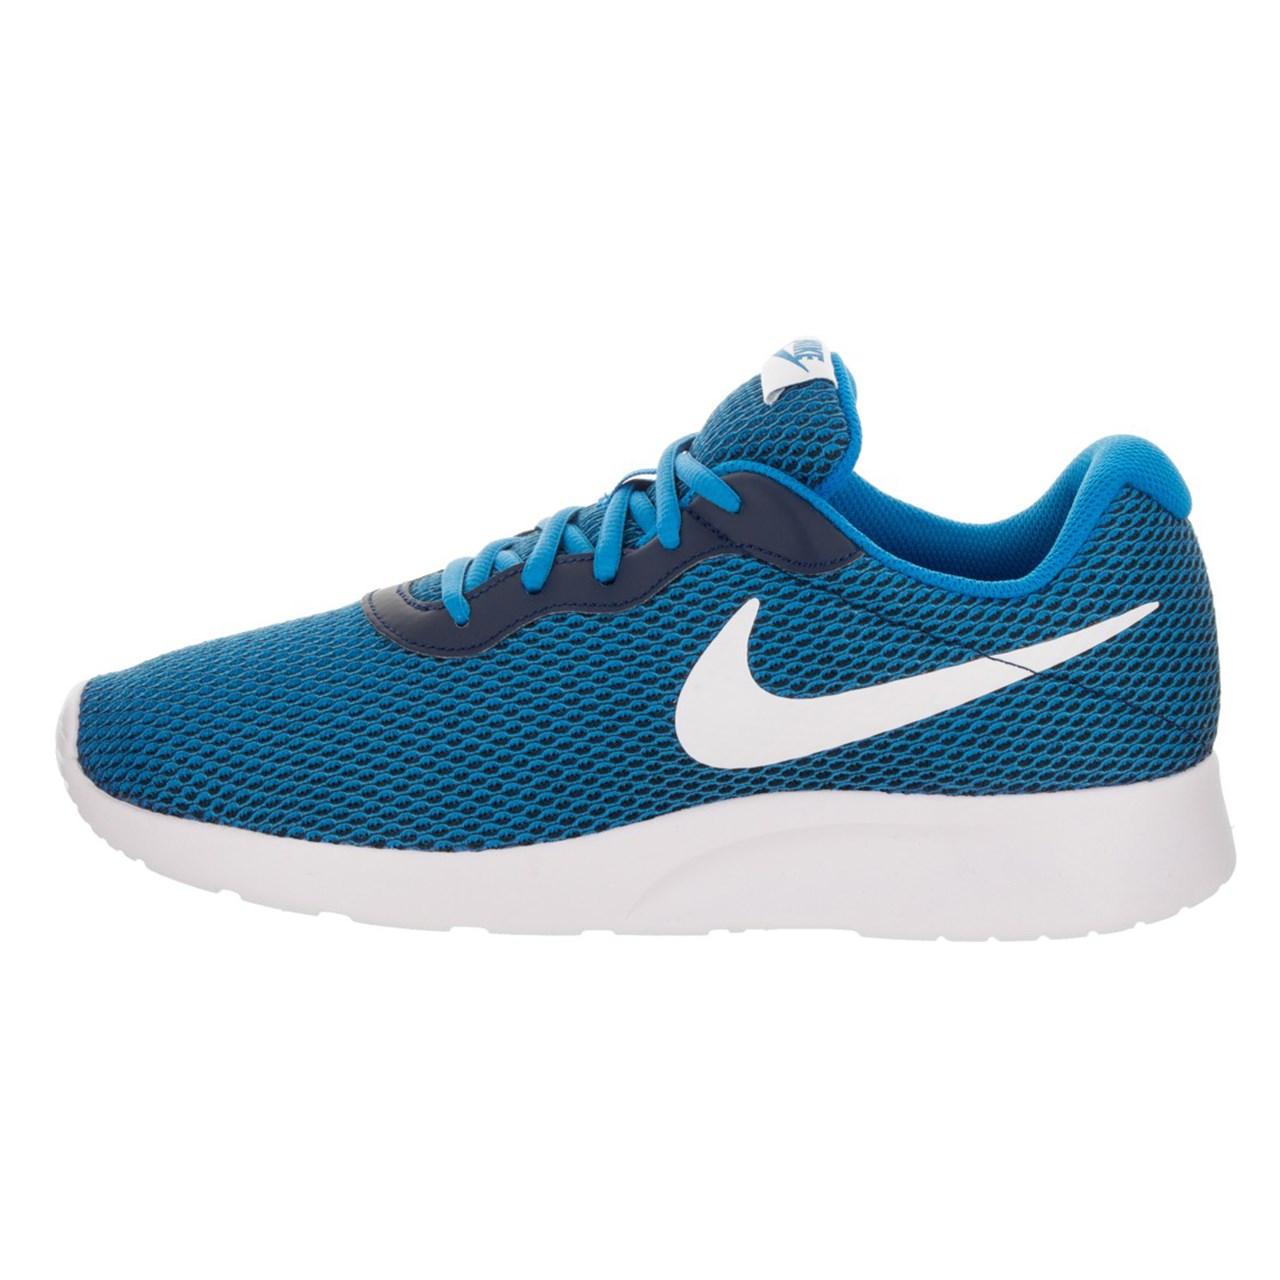 کفش مخصوص دویدن مردانه نایک  مدل TANJUN SE